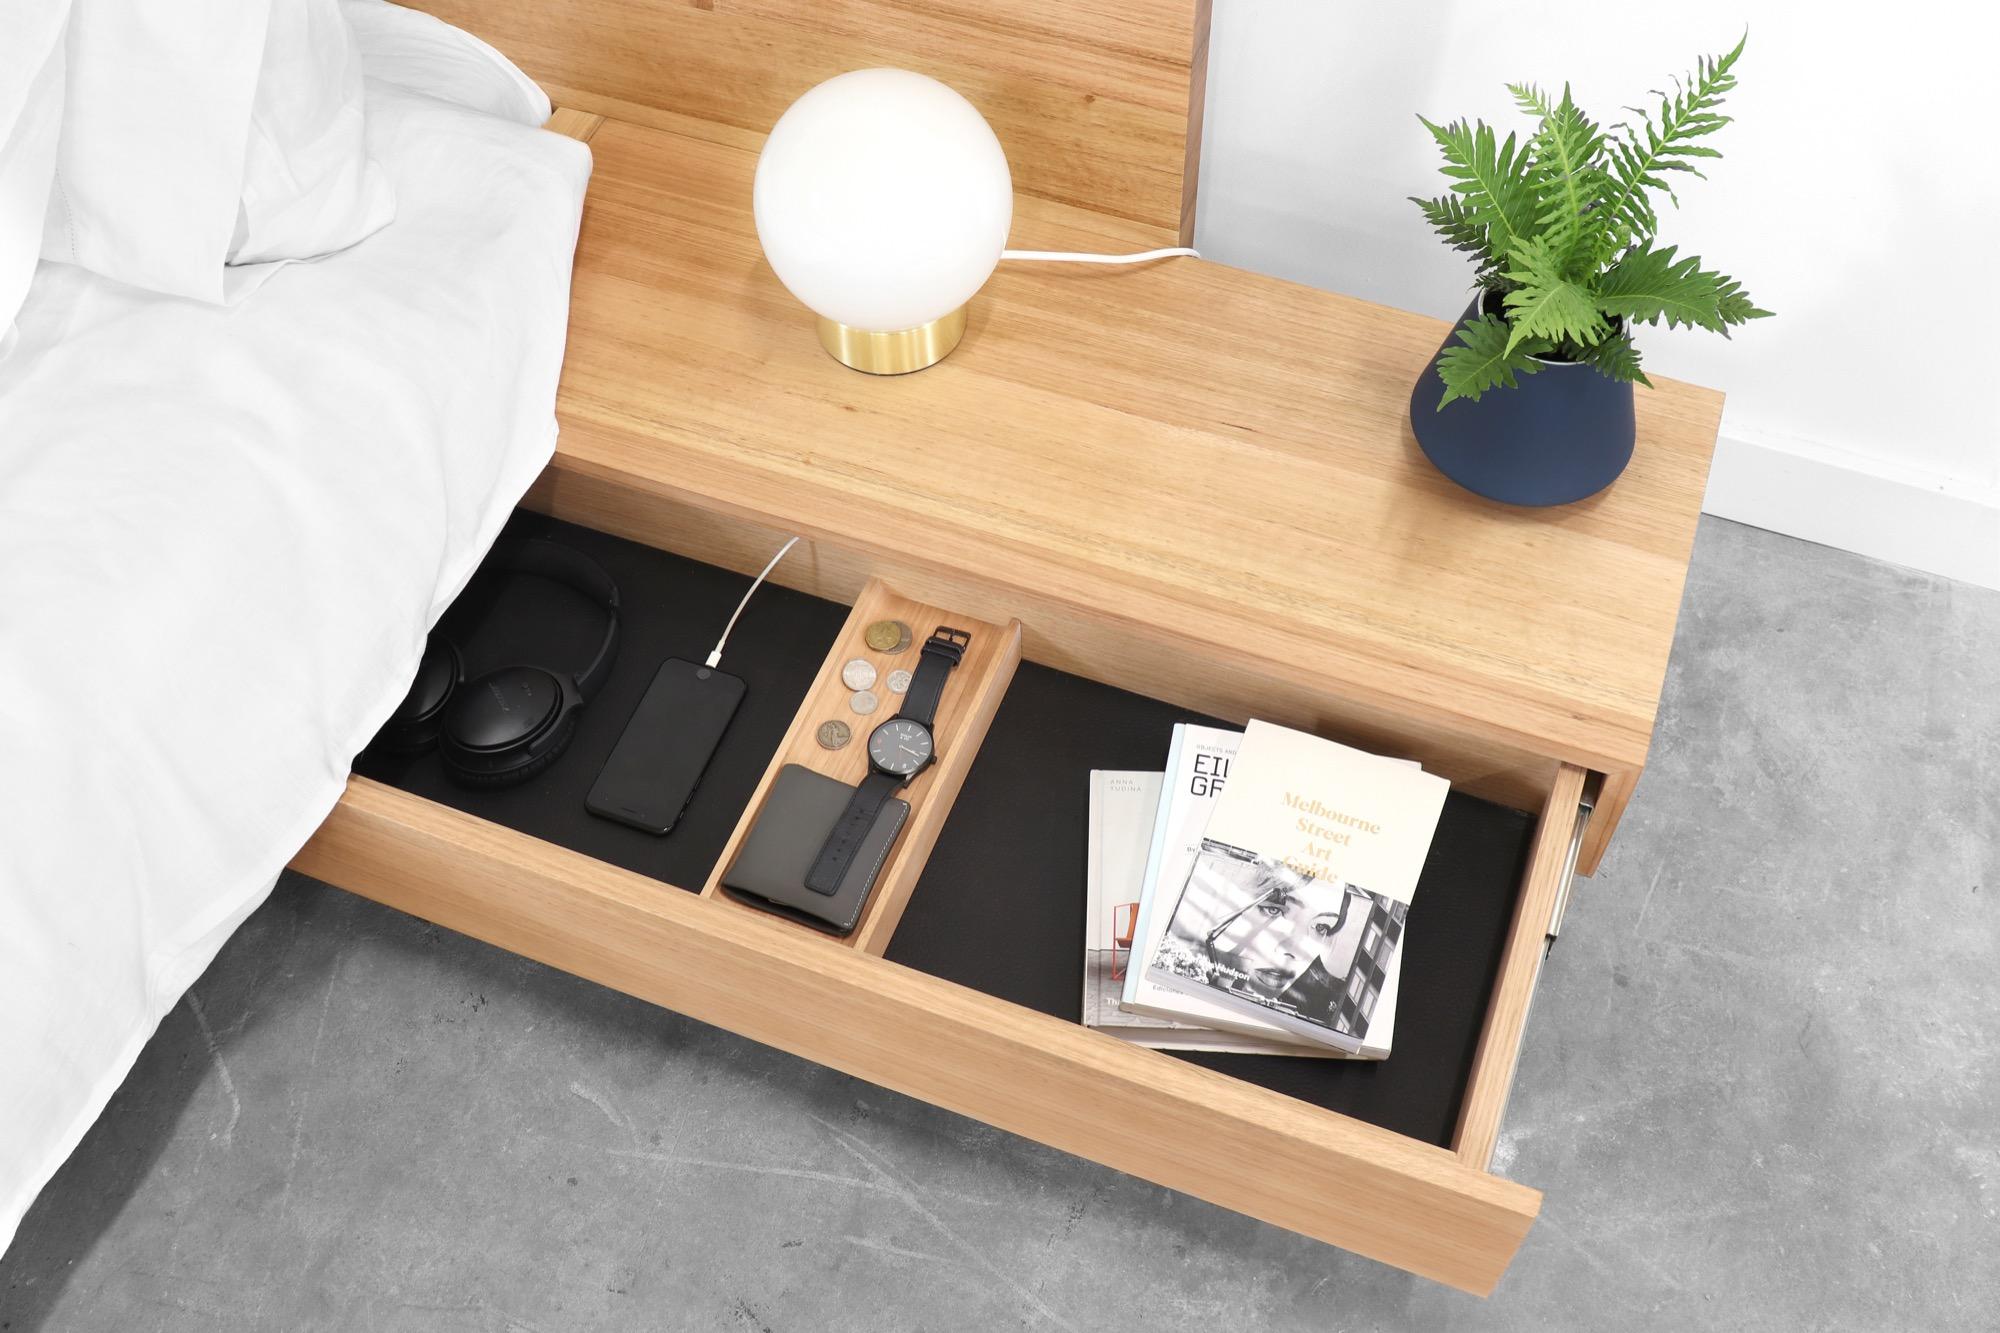 NYX Bed by Sawdust Bureau_03